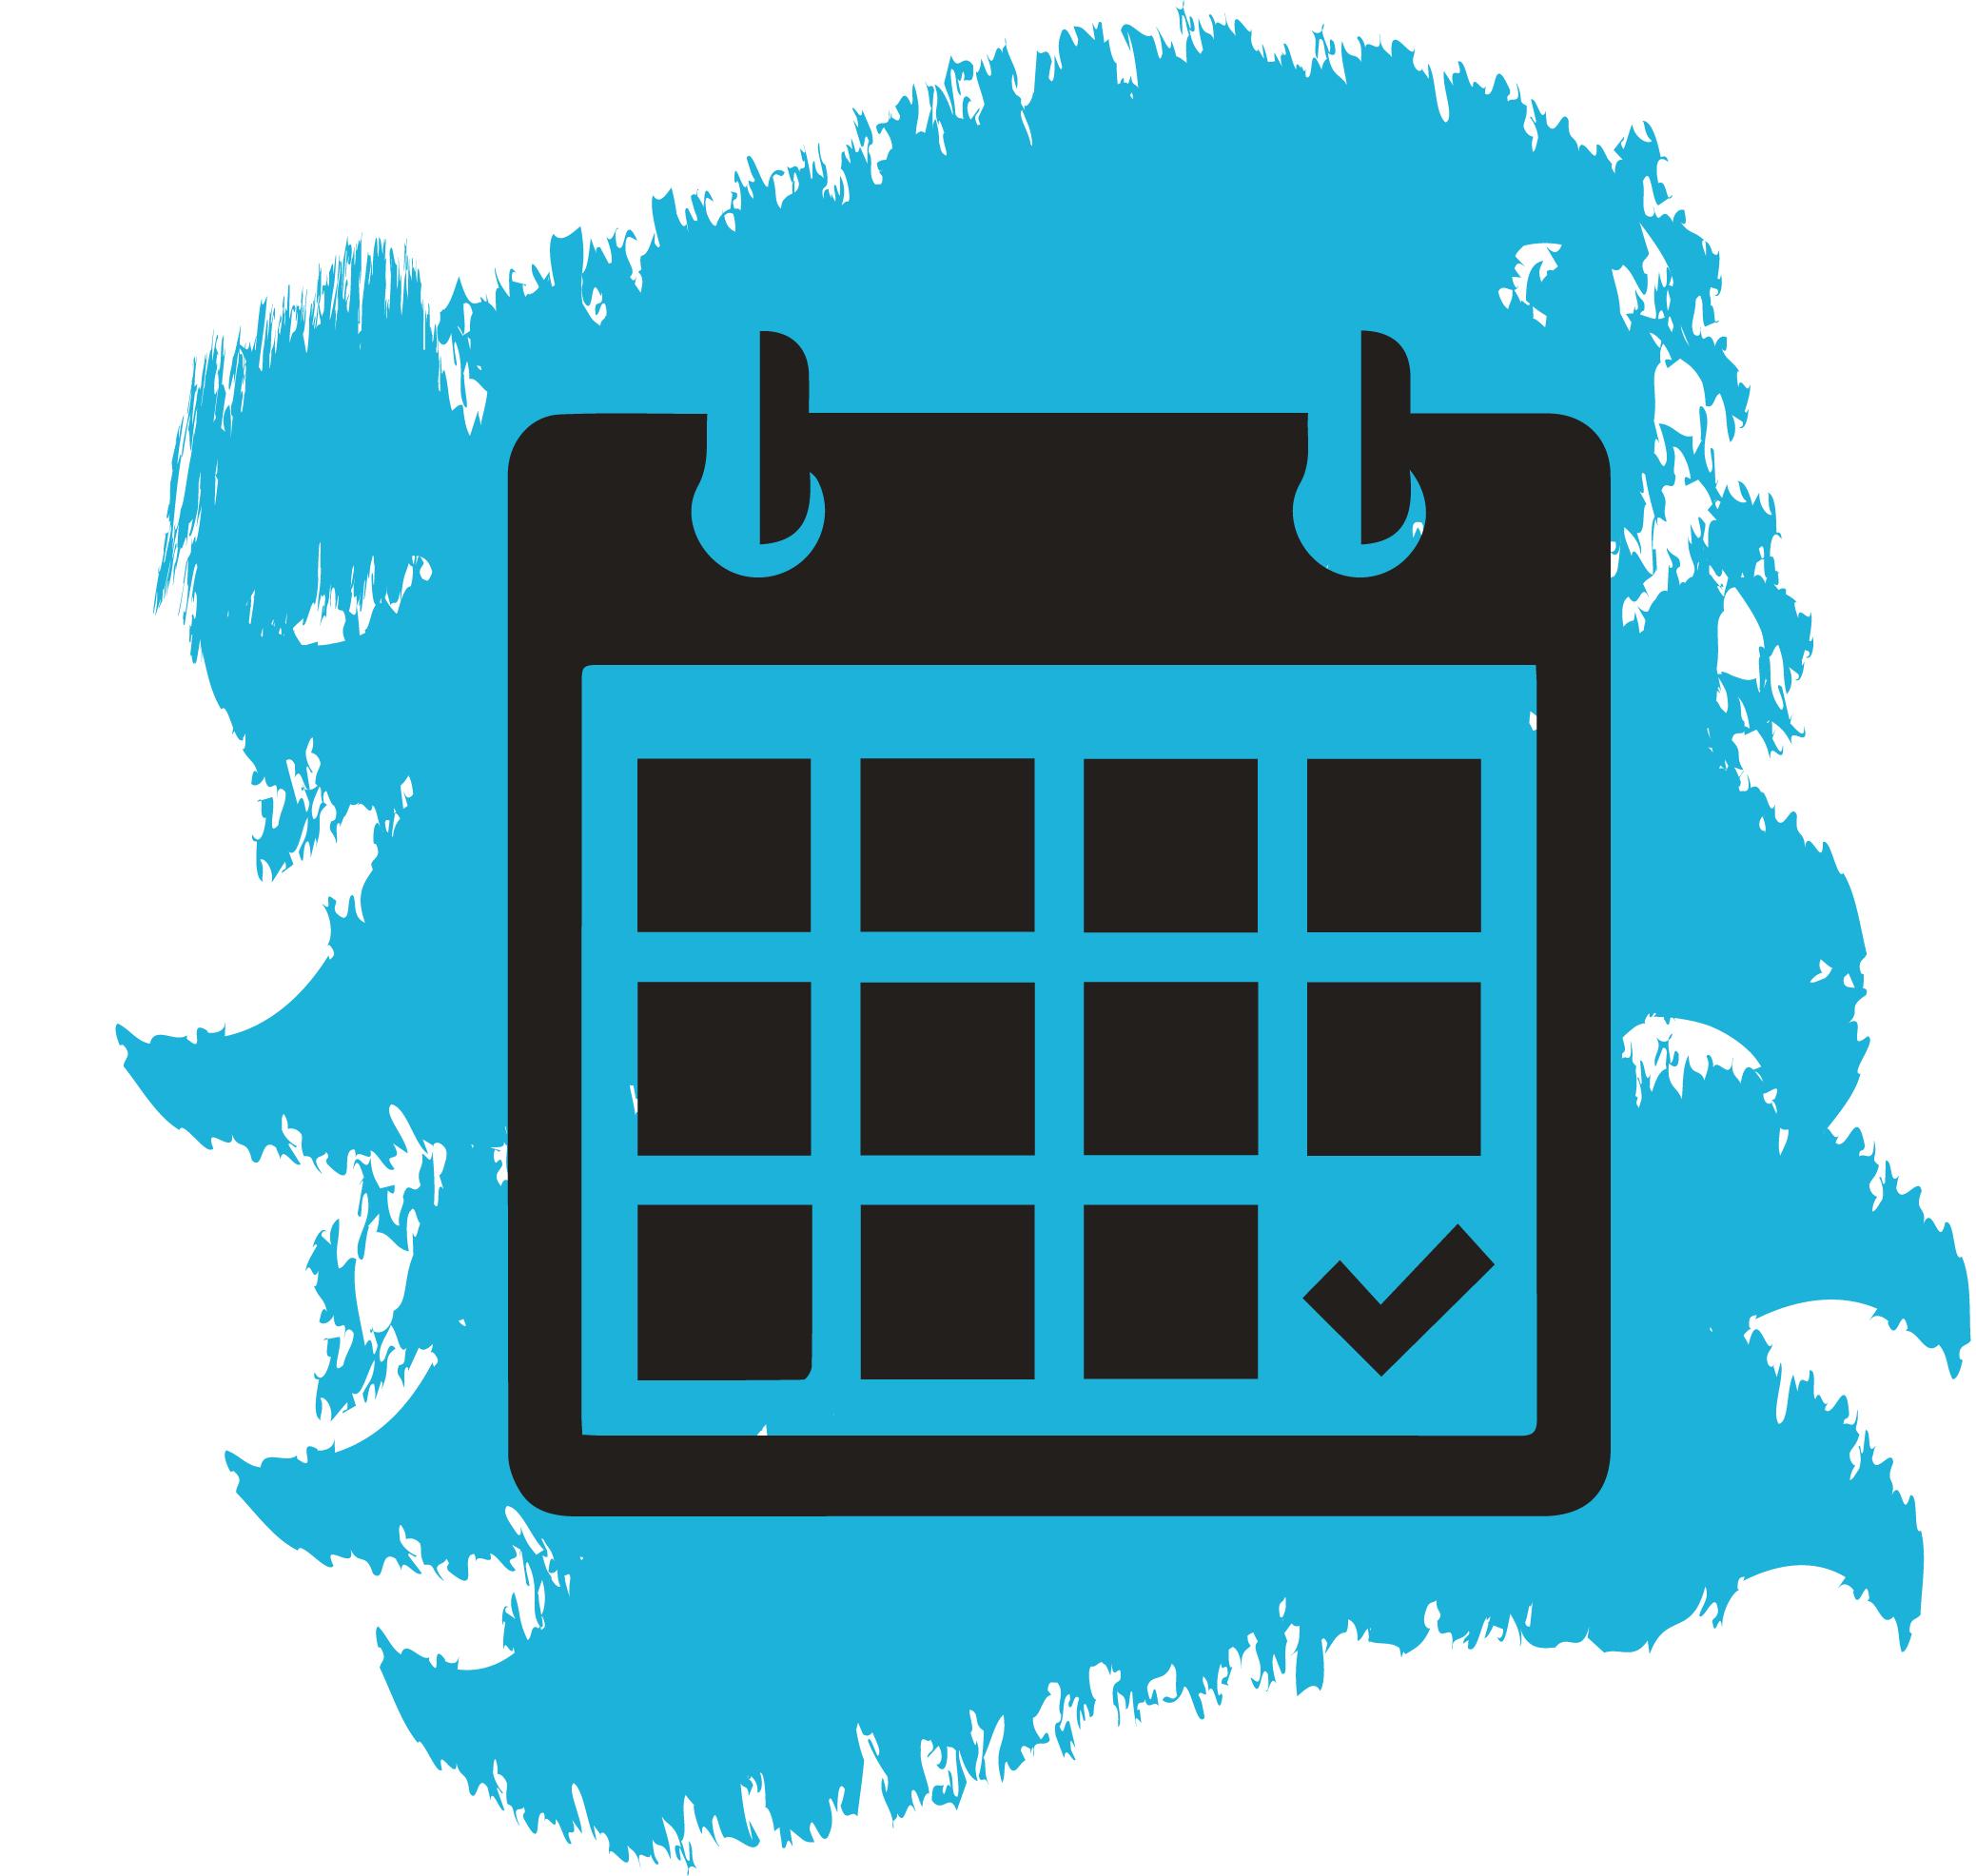 Icoon kalender - FF site